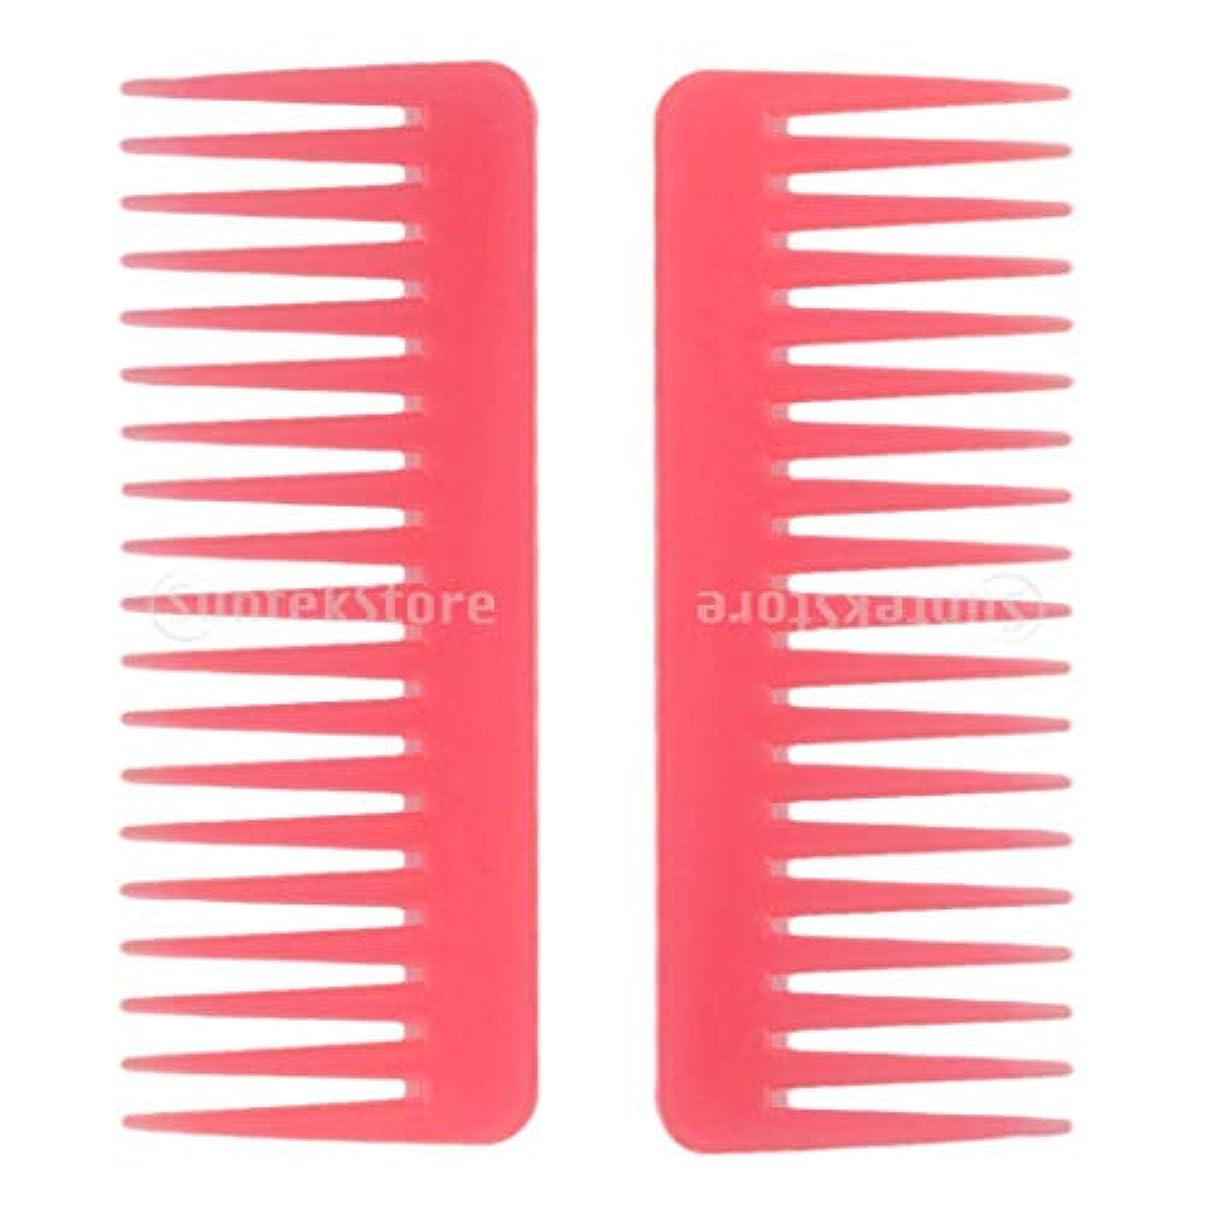 隠された多用途バンカーヘアコーム 広い歯コーム 櫛 ヘアケア ヘアスタイリング用品 プラスチック 理髪店用品 2個入り